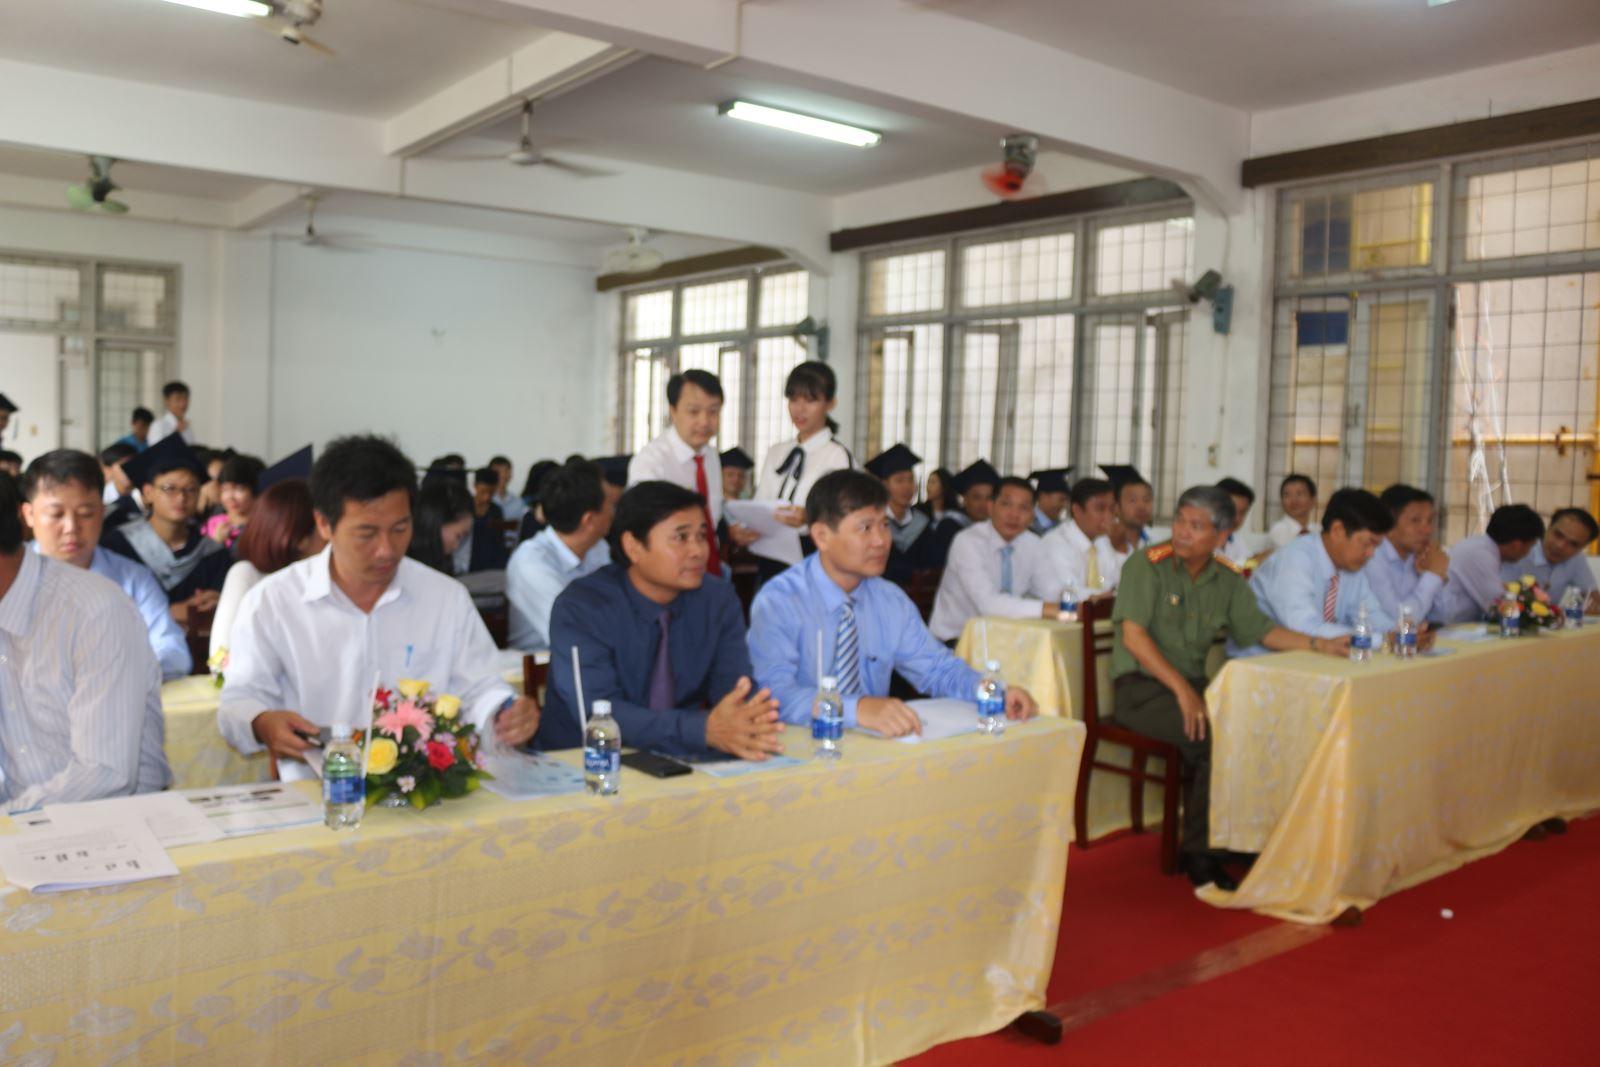 Hiệu trưởng Trường Đại học Công nghệ Đồng Nai tham dự các sự kiện và làm việc với các trường Đại học đối tác trong khu vực